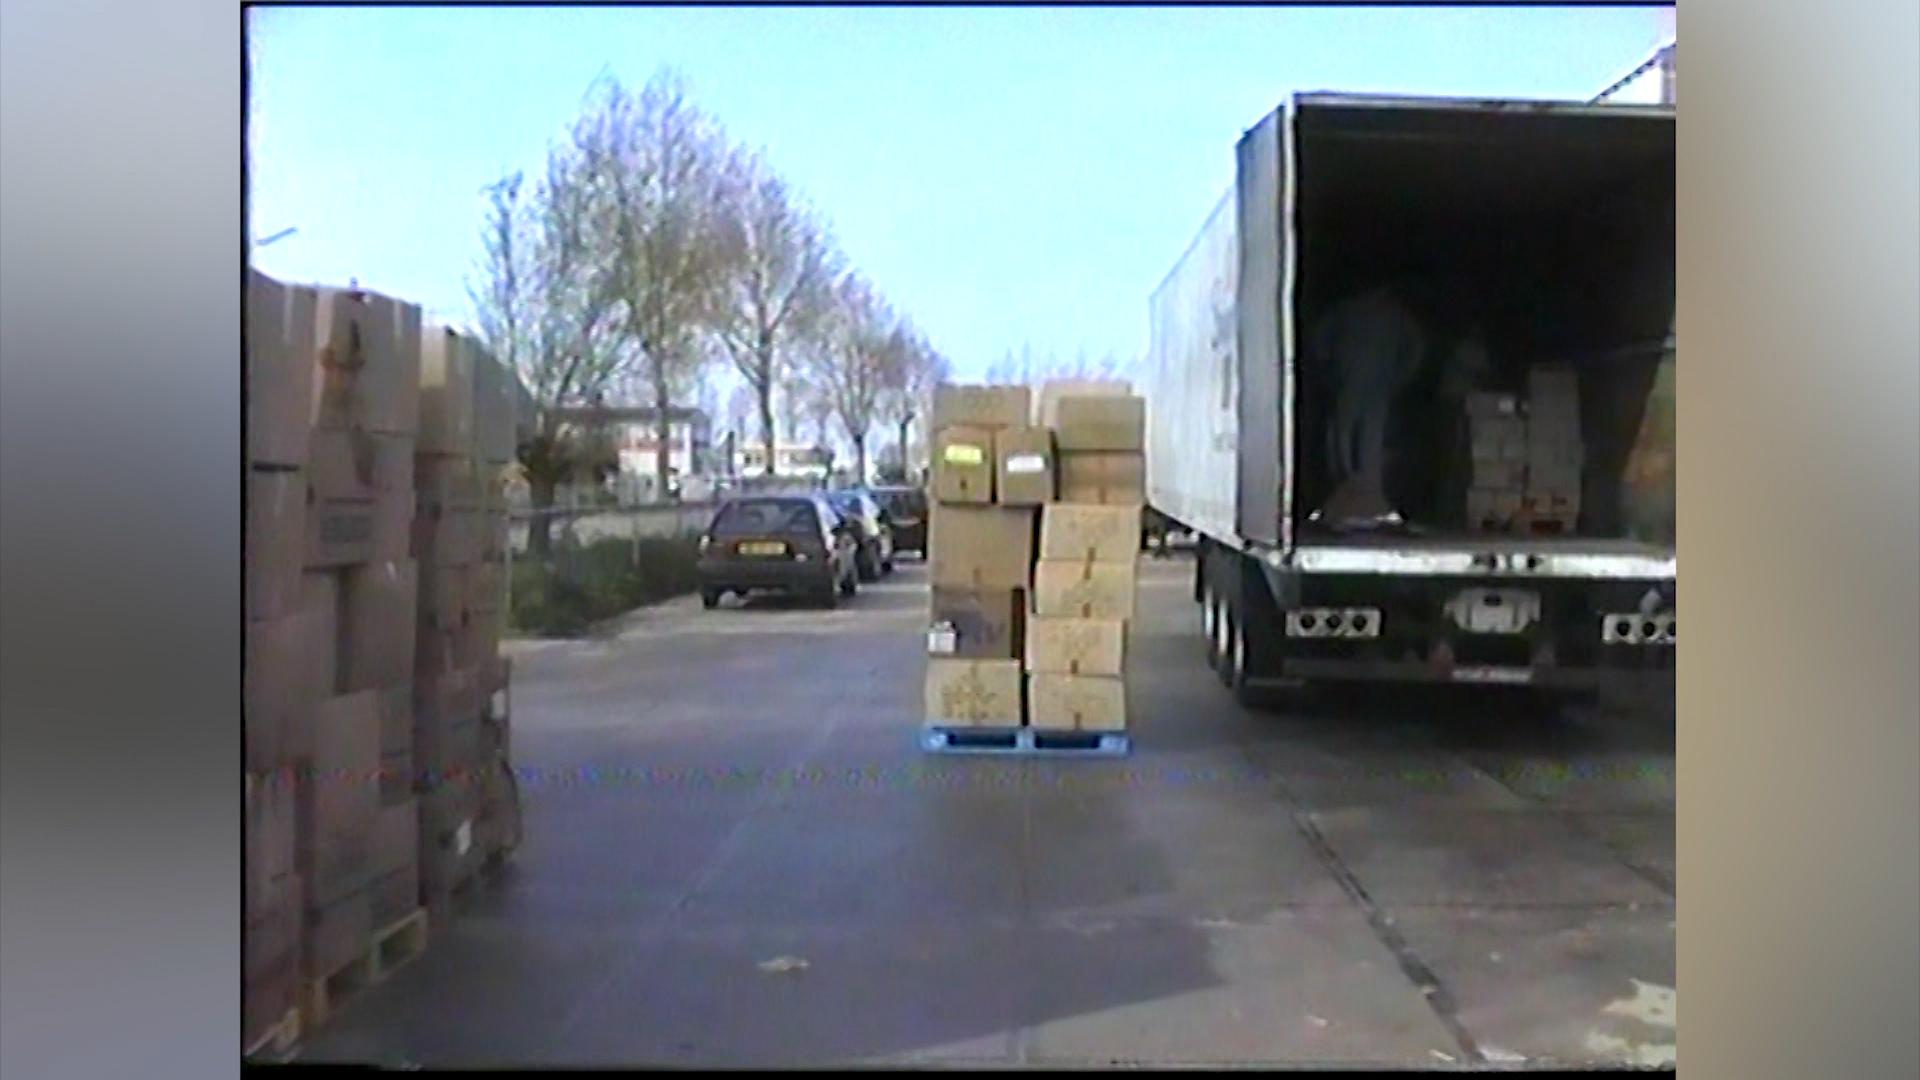 ajutoare olandezi camion